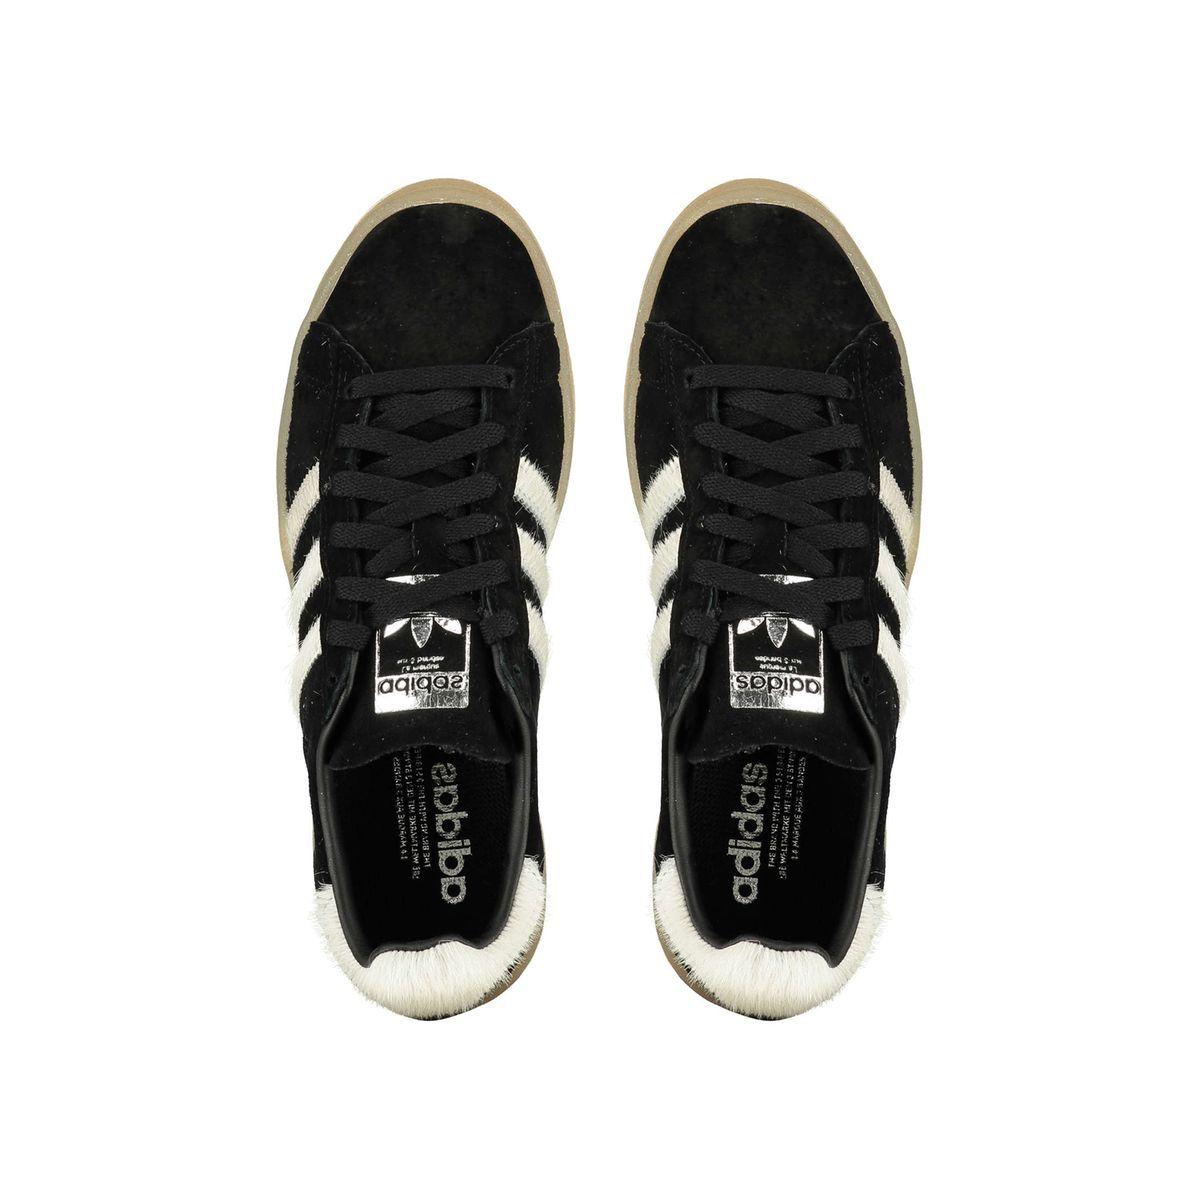 adidas campus noir et blanc femme